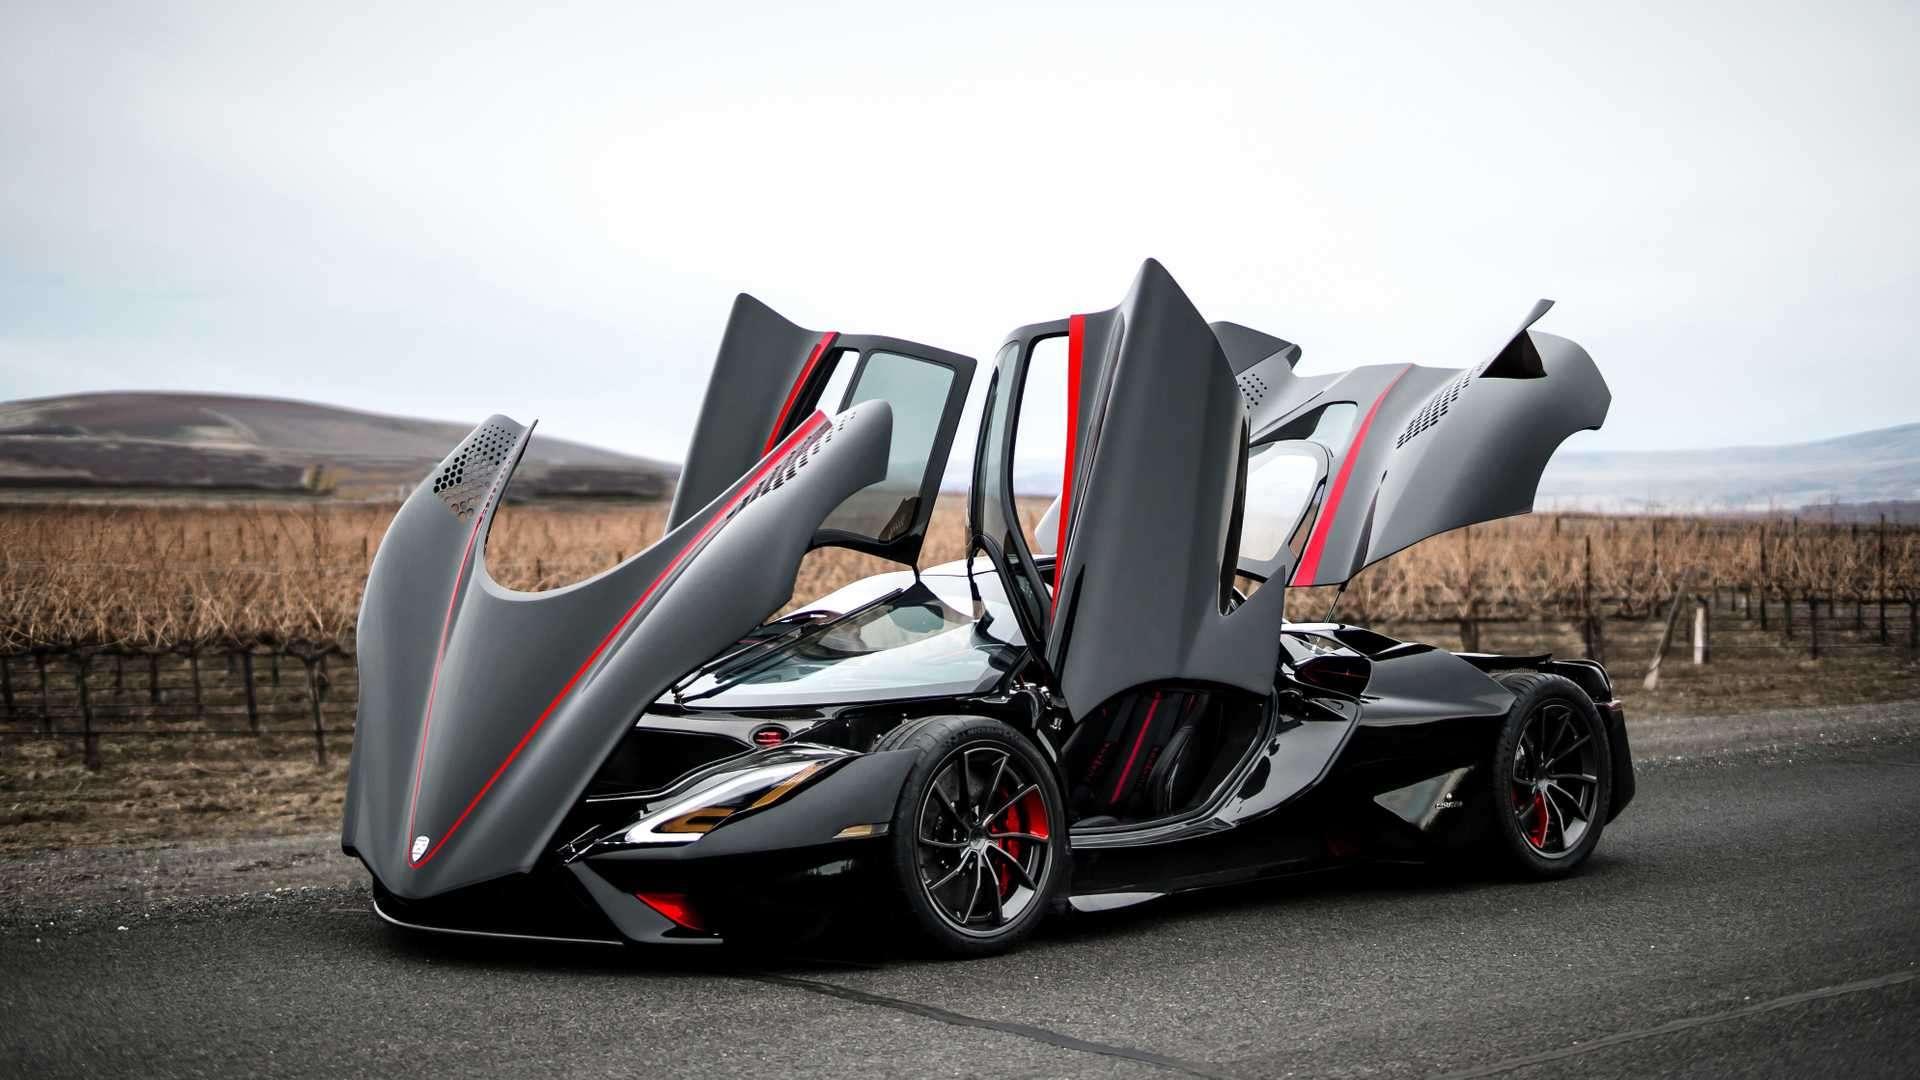 Conheçam os 7 carros mais rápidos do mundo